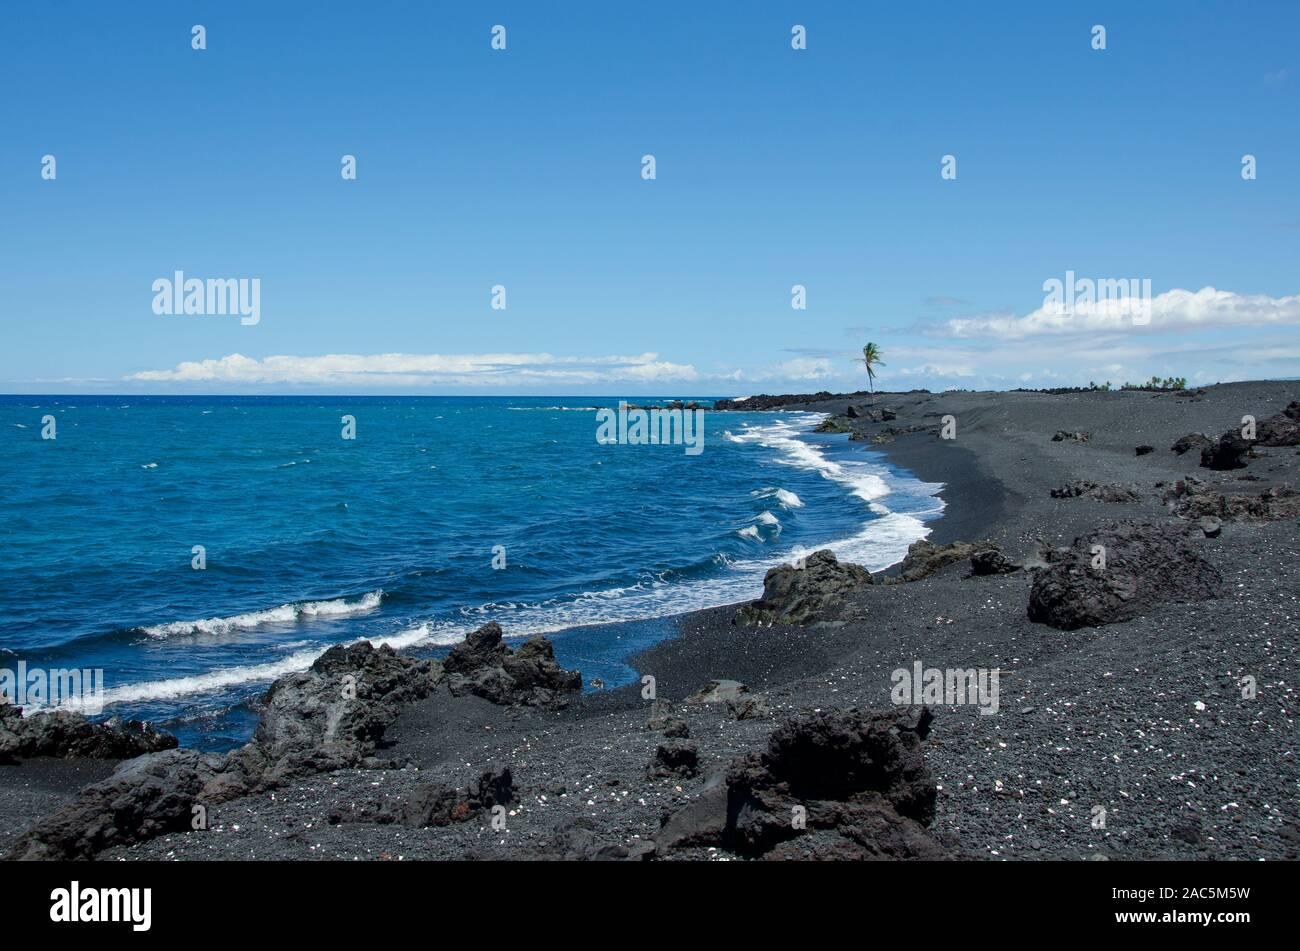 Un lone Palm tree sembra posizionarsi su Keawaiki Bay e il suo gran parte spiaggia di sabbia nera, Hawai'i'isola; un 1859 Mauna Loa eruzione poste in stato di overflow in th Foto Stock